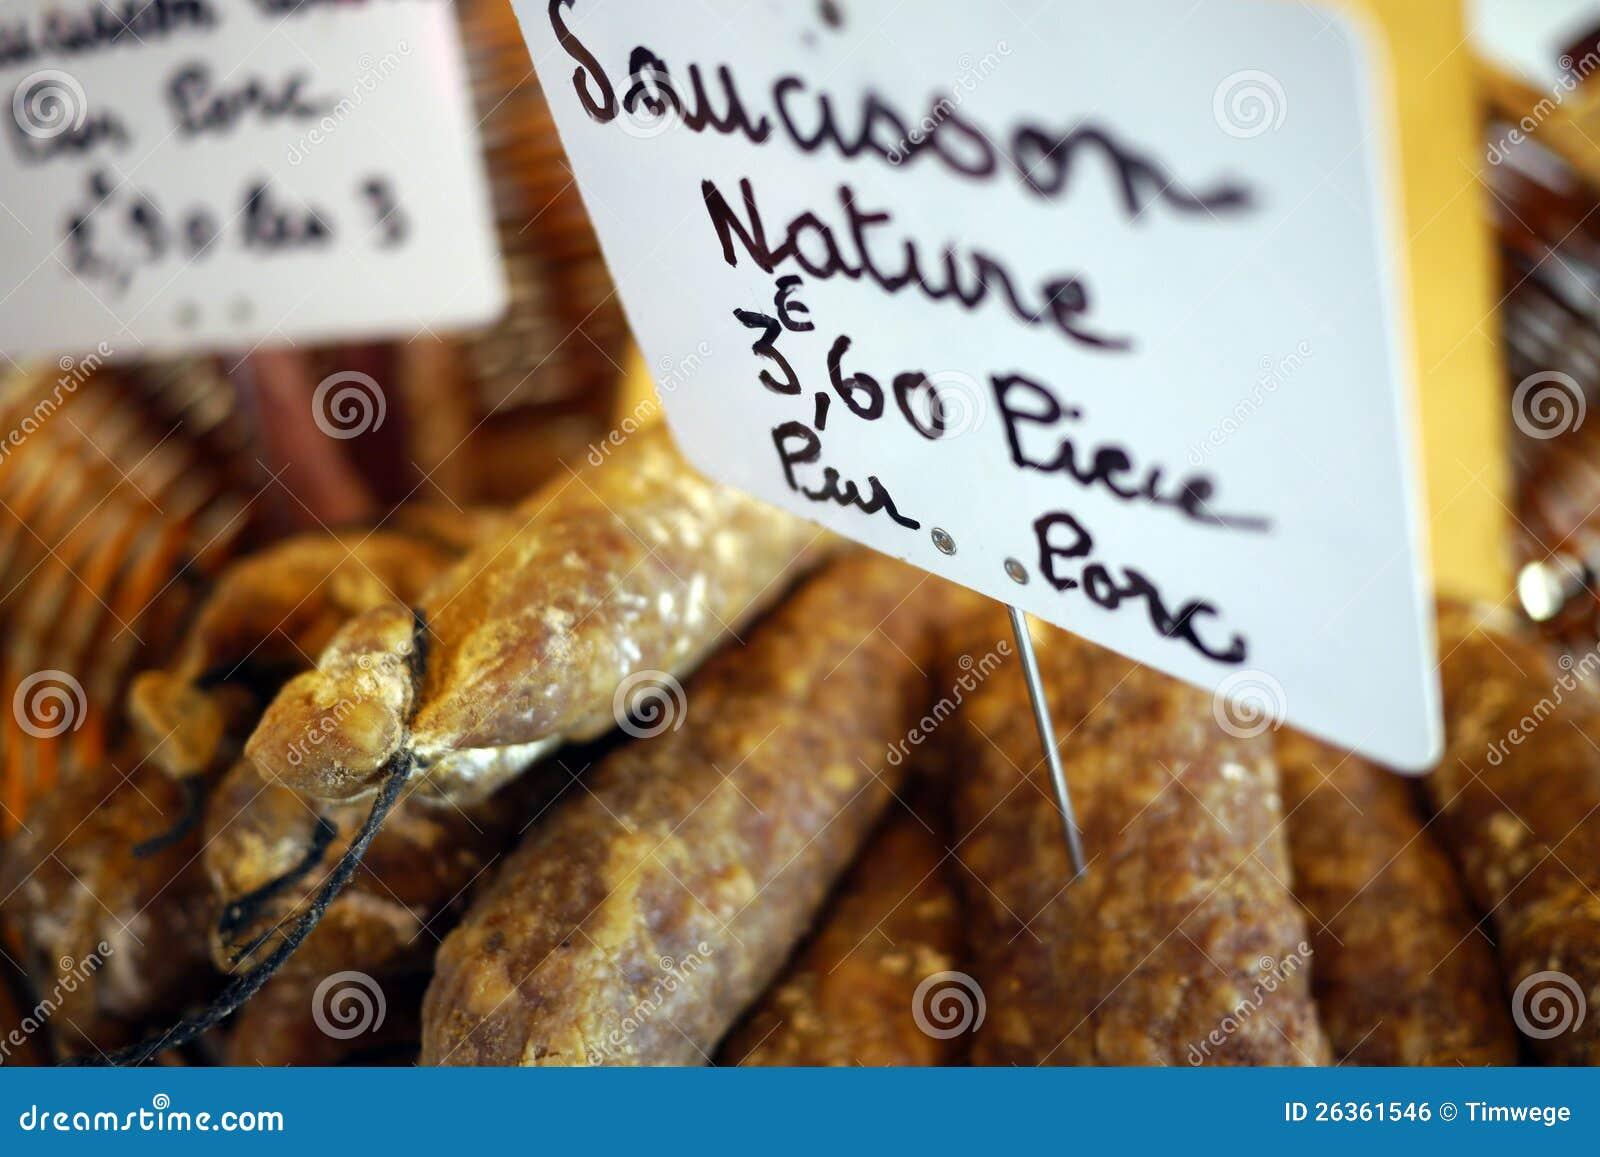 Französische Wurst im Markt